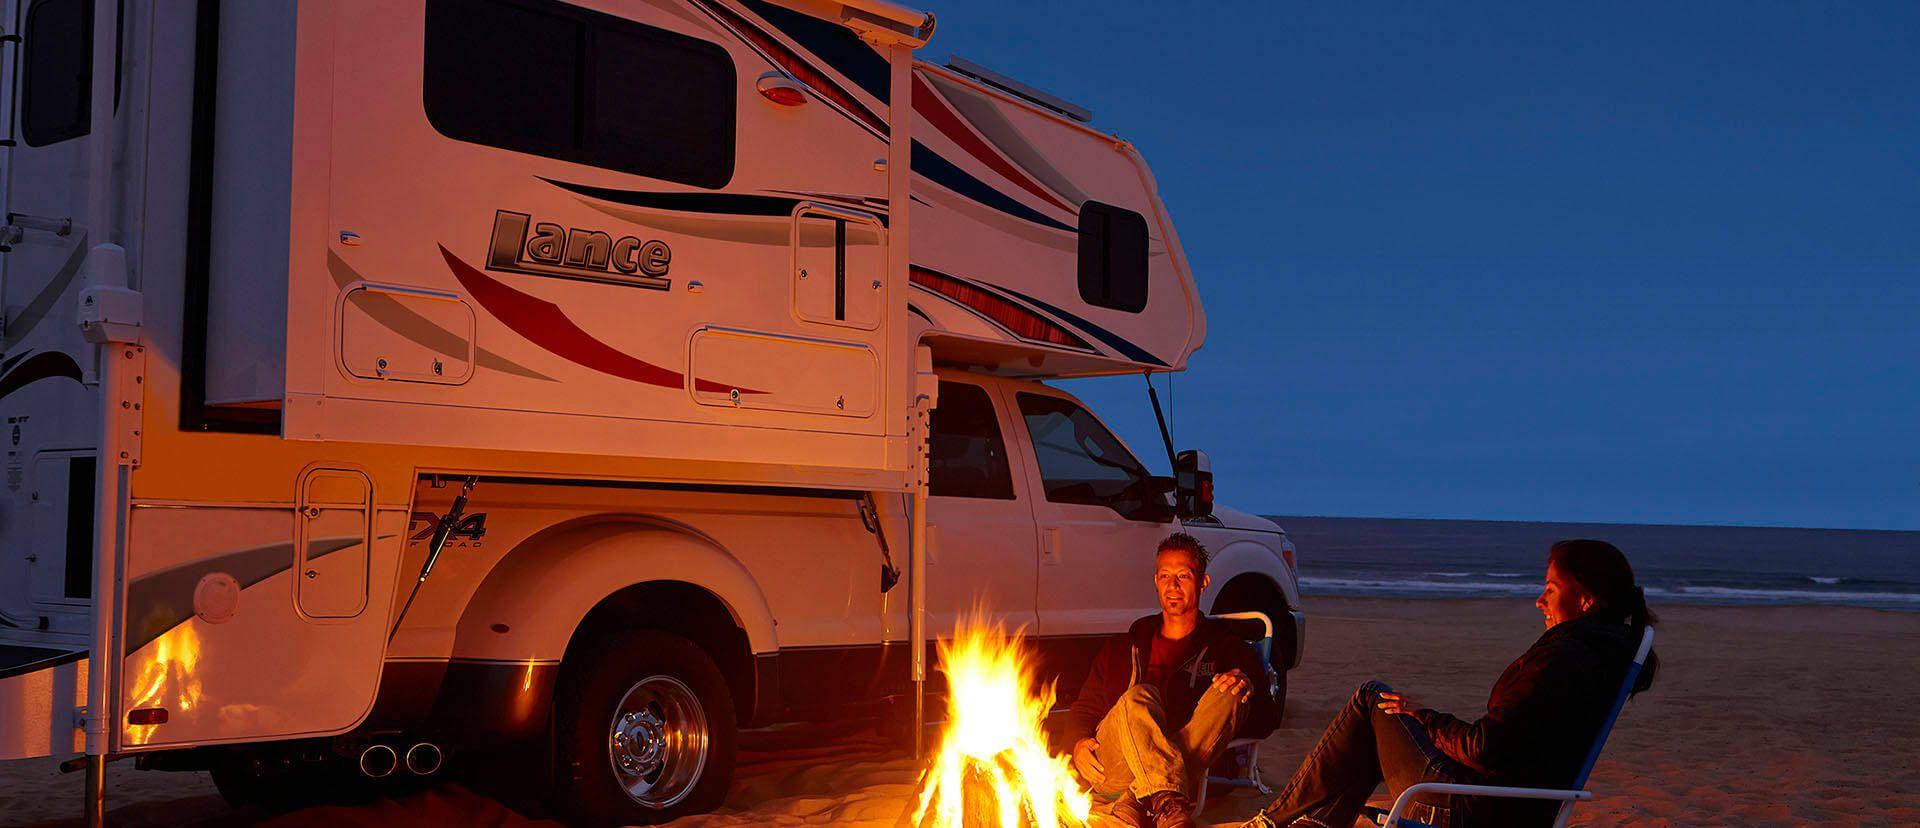 Lance Truck Campers Lance Camper Rv truck camper